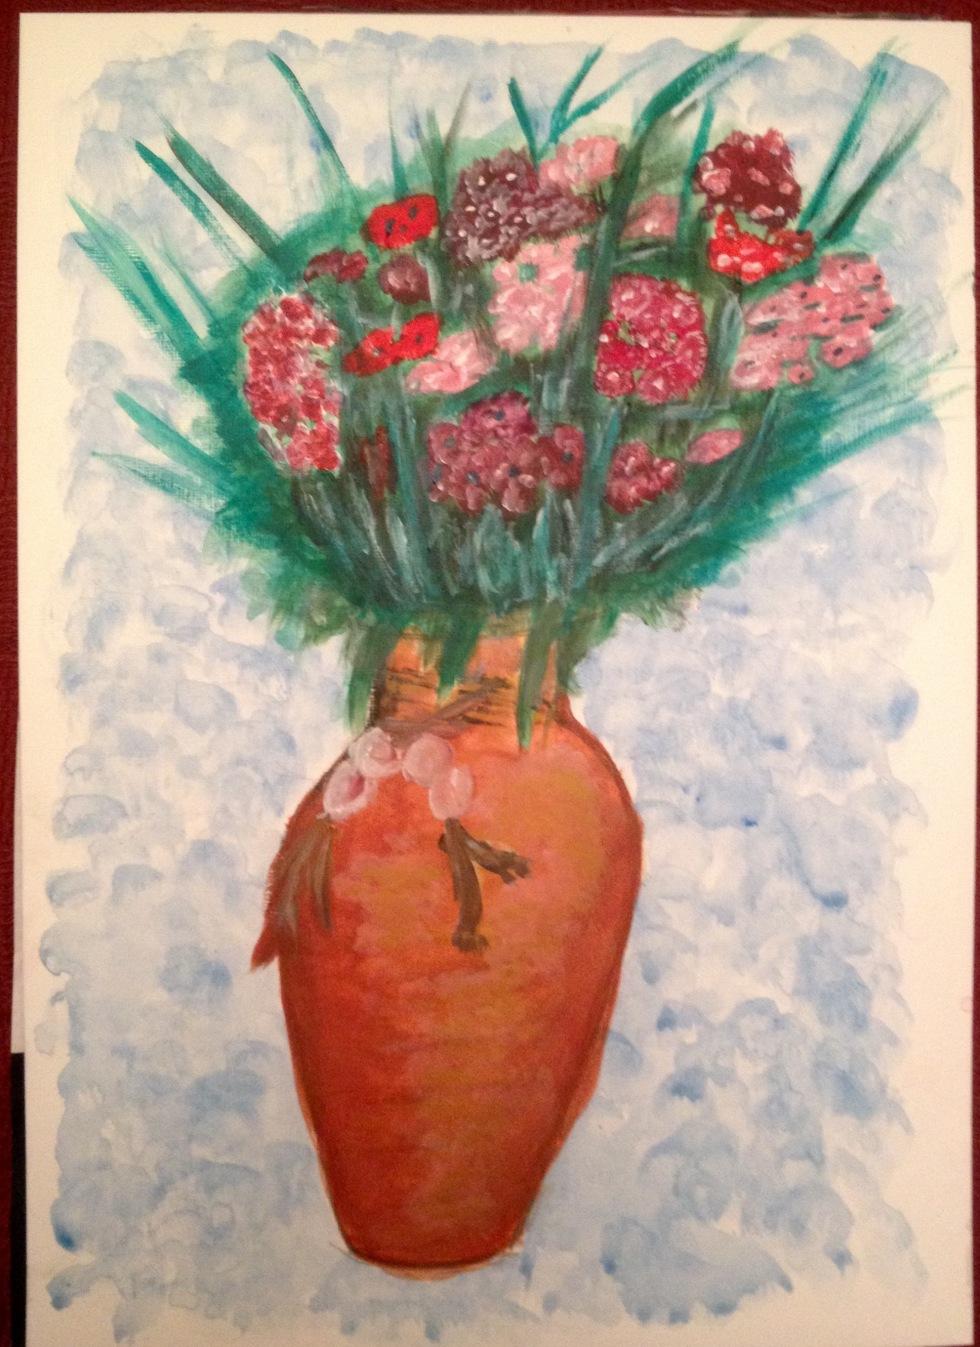 Sweet William's in vase